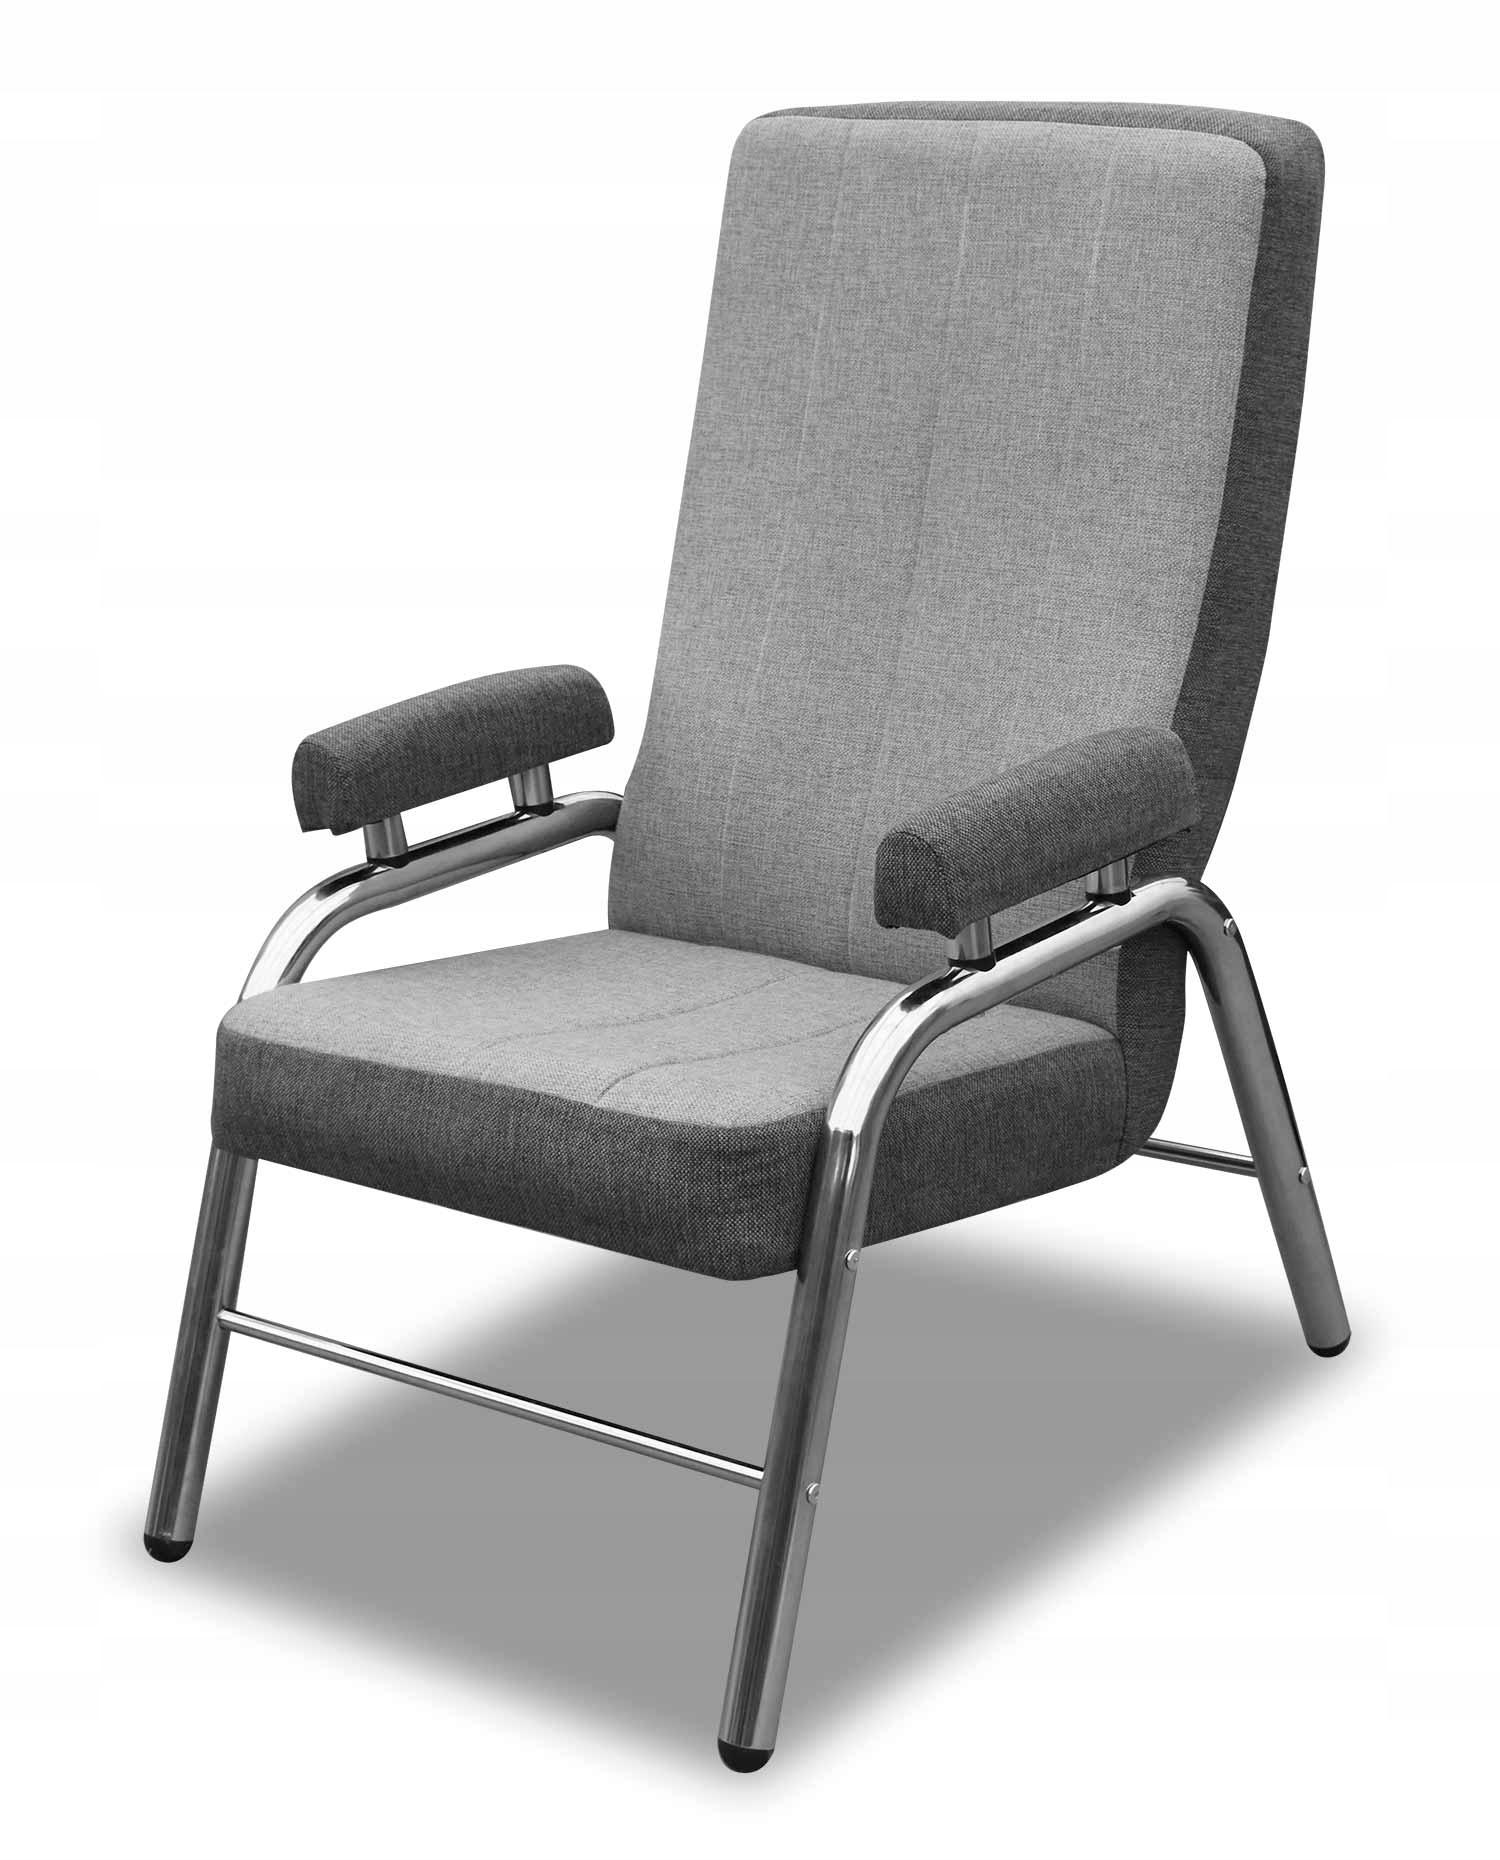 Металлическое кресло для комнаты Lile